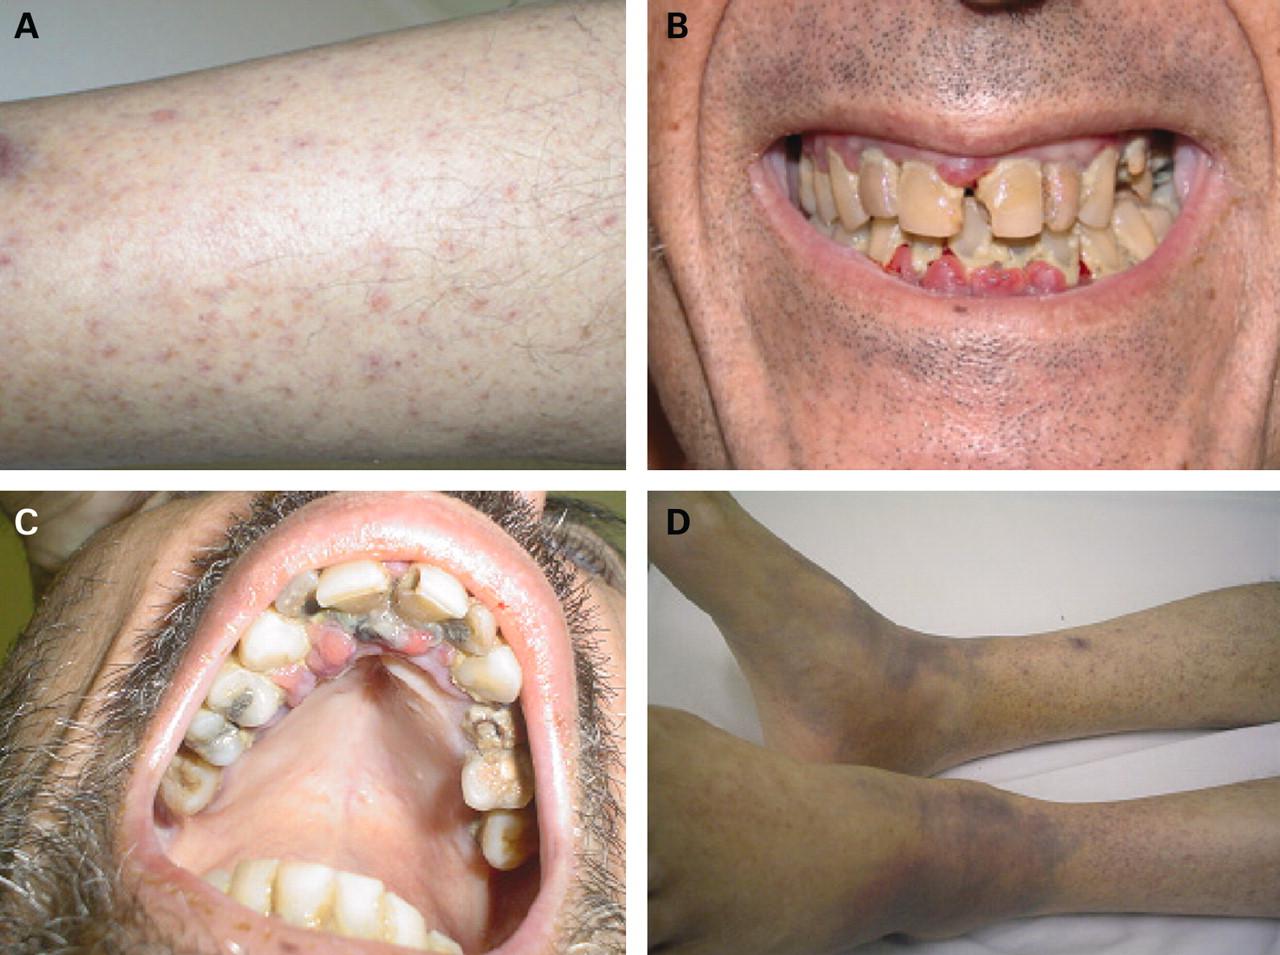 Symptoms of Scurvy - RightDiagnosis.com